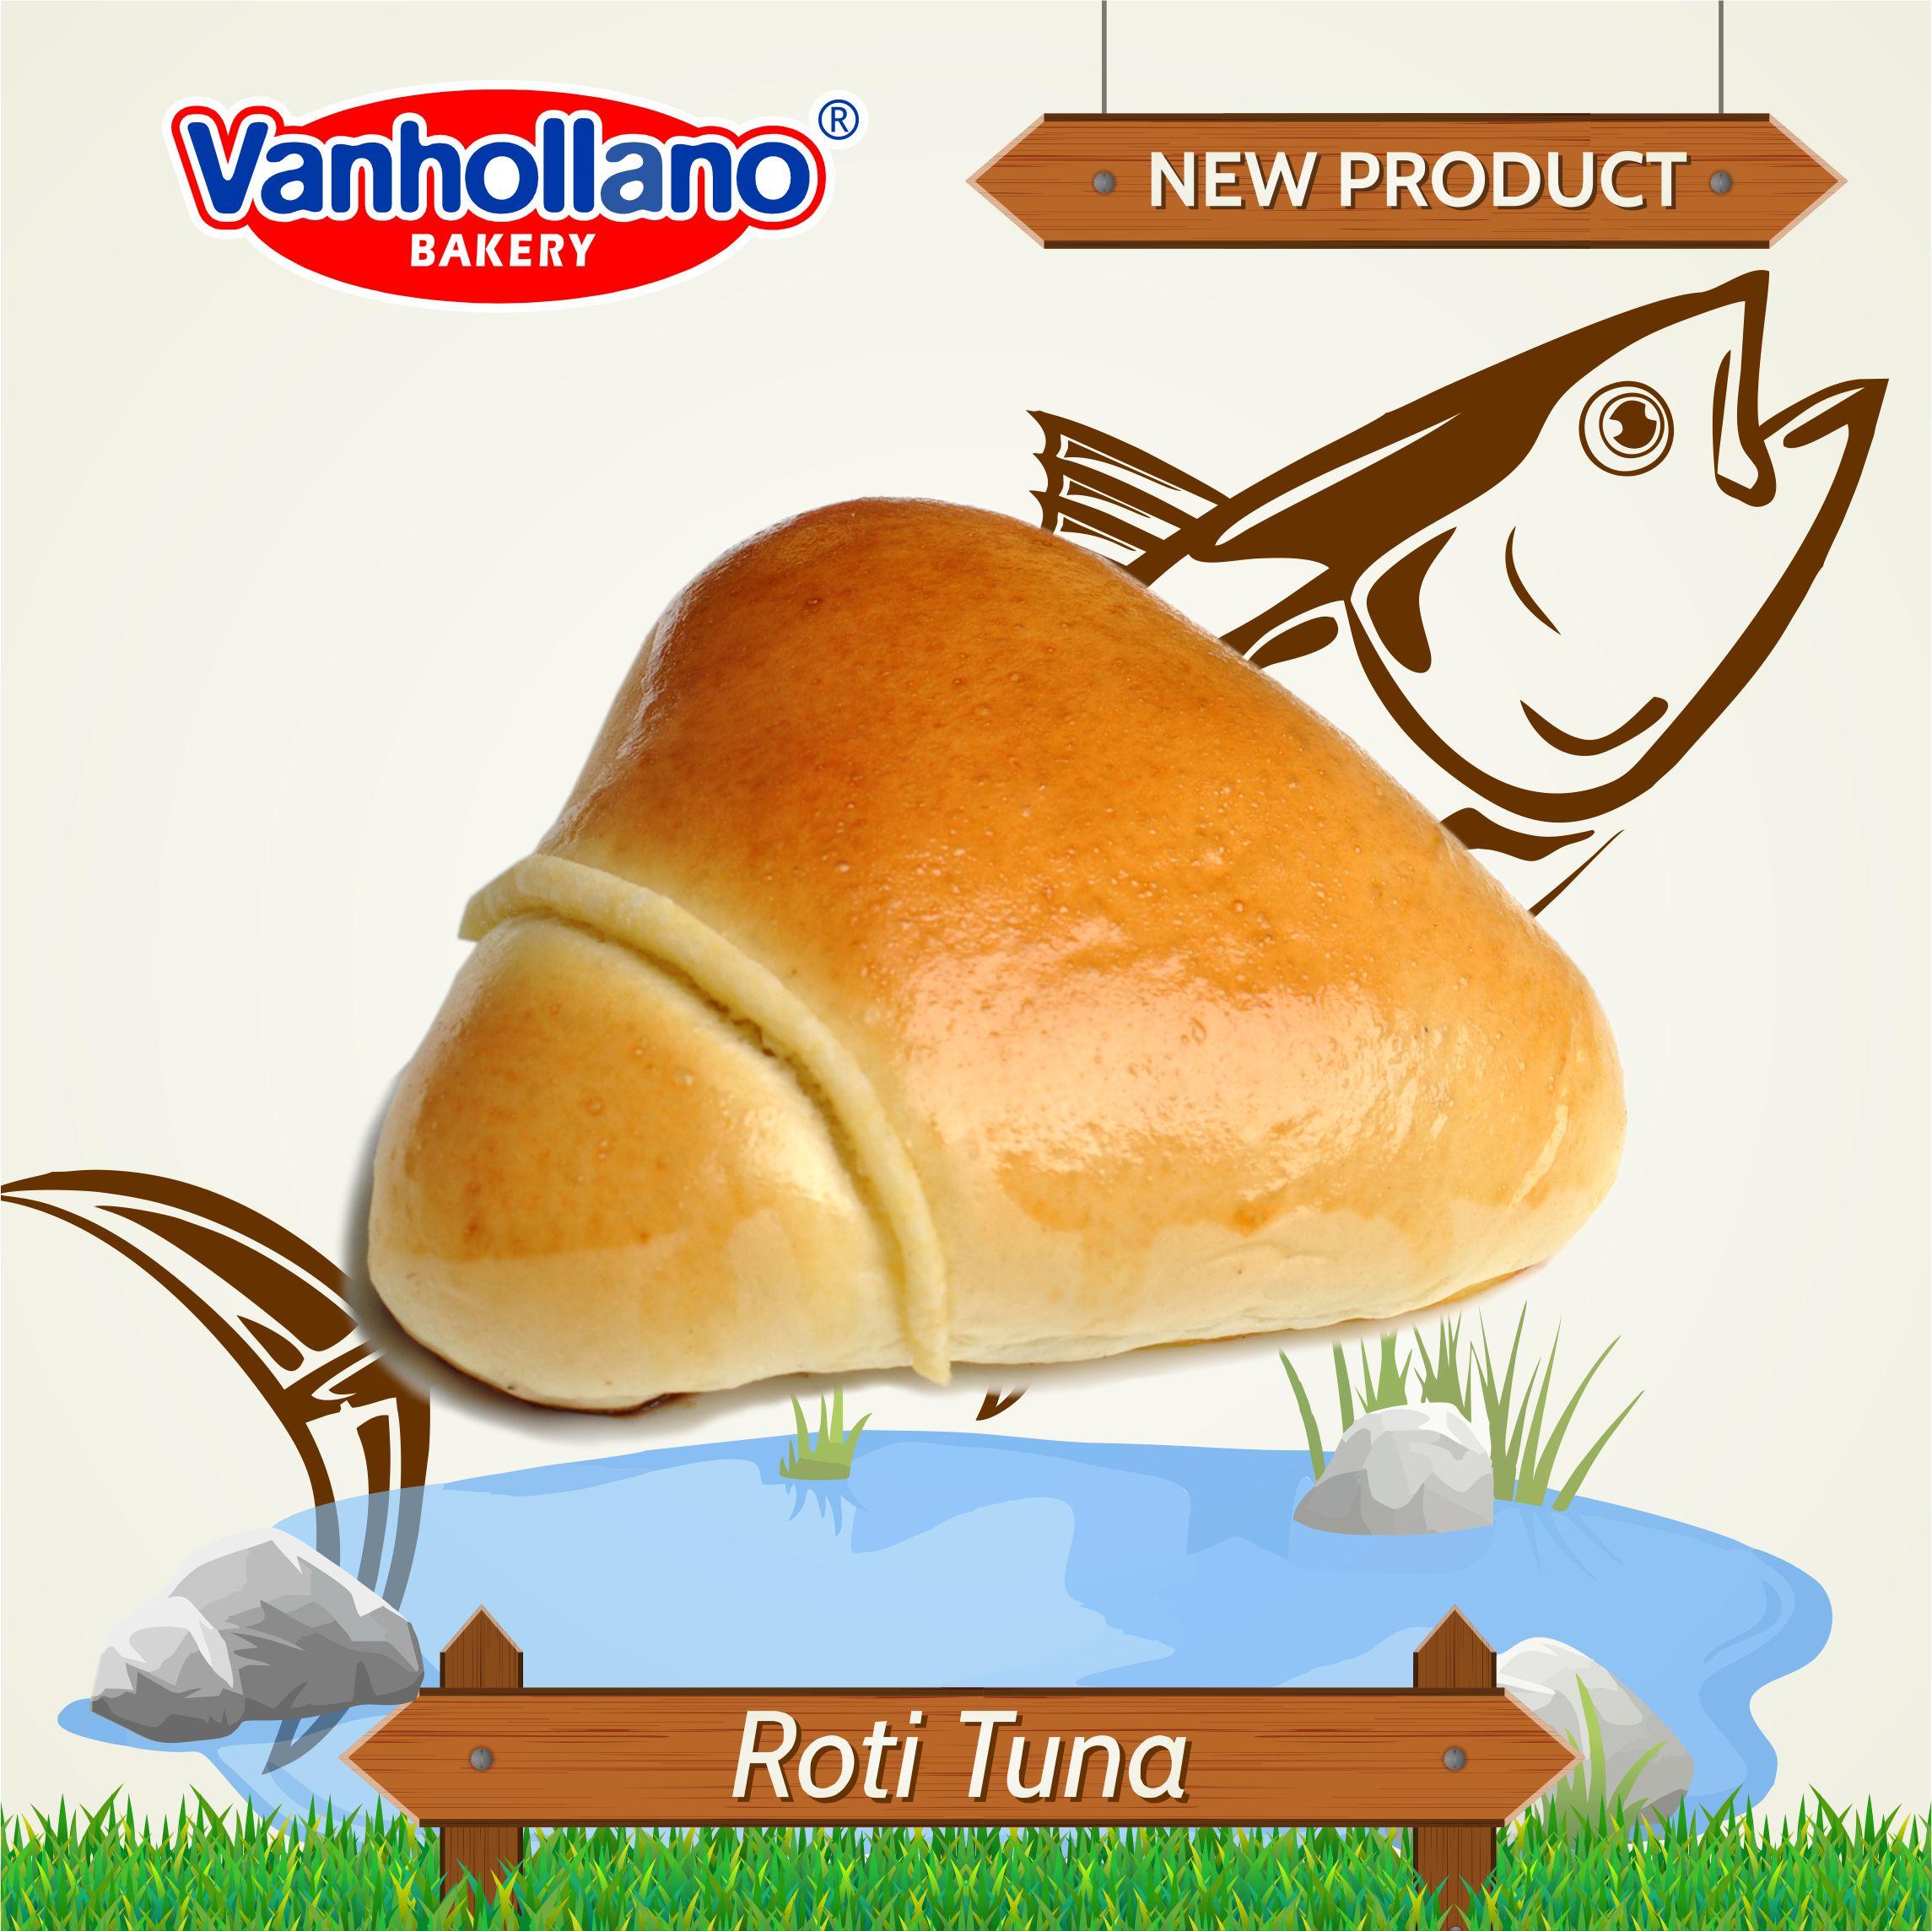 Roti clipart bakery Vanhollano Bakery Bakery Menu Menu